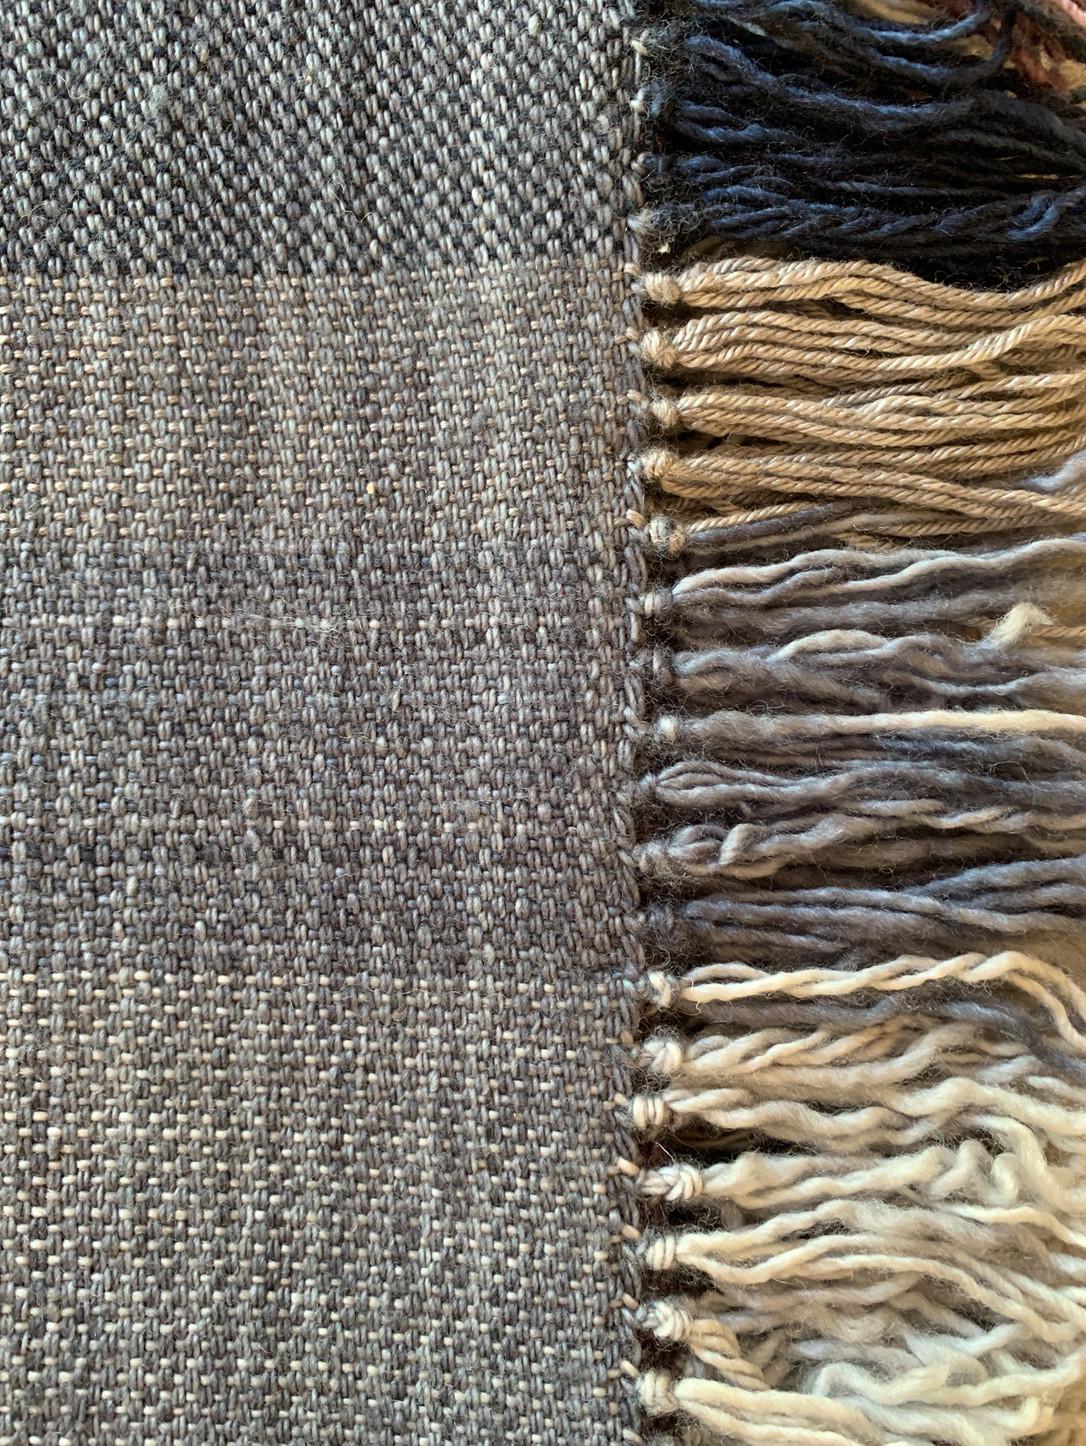 Edge stitching and fringe.